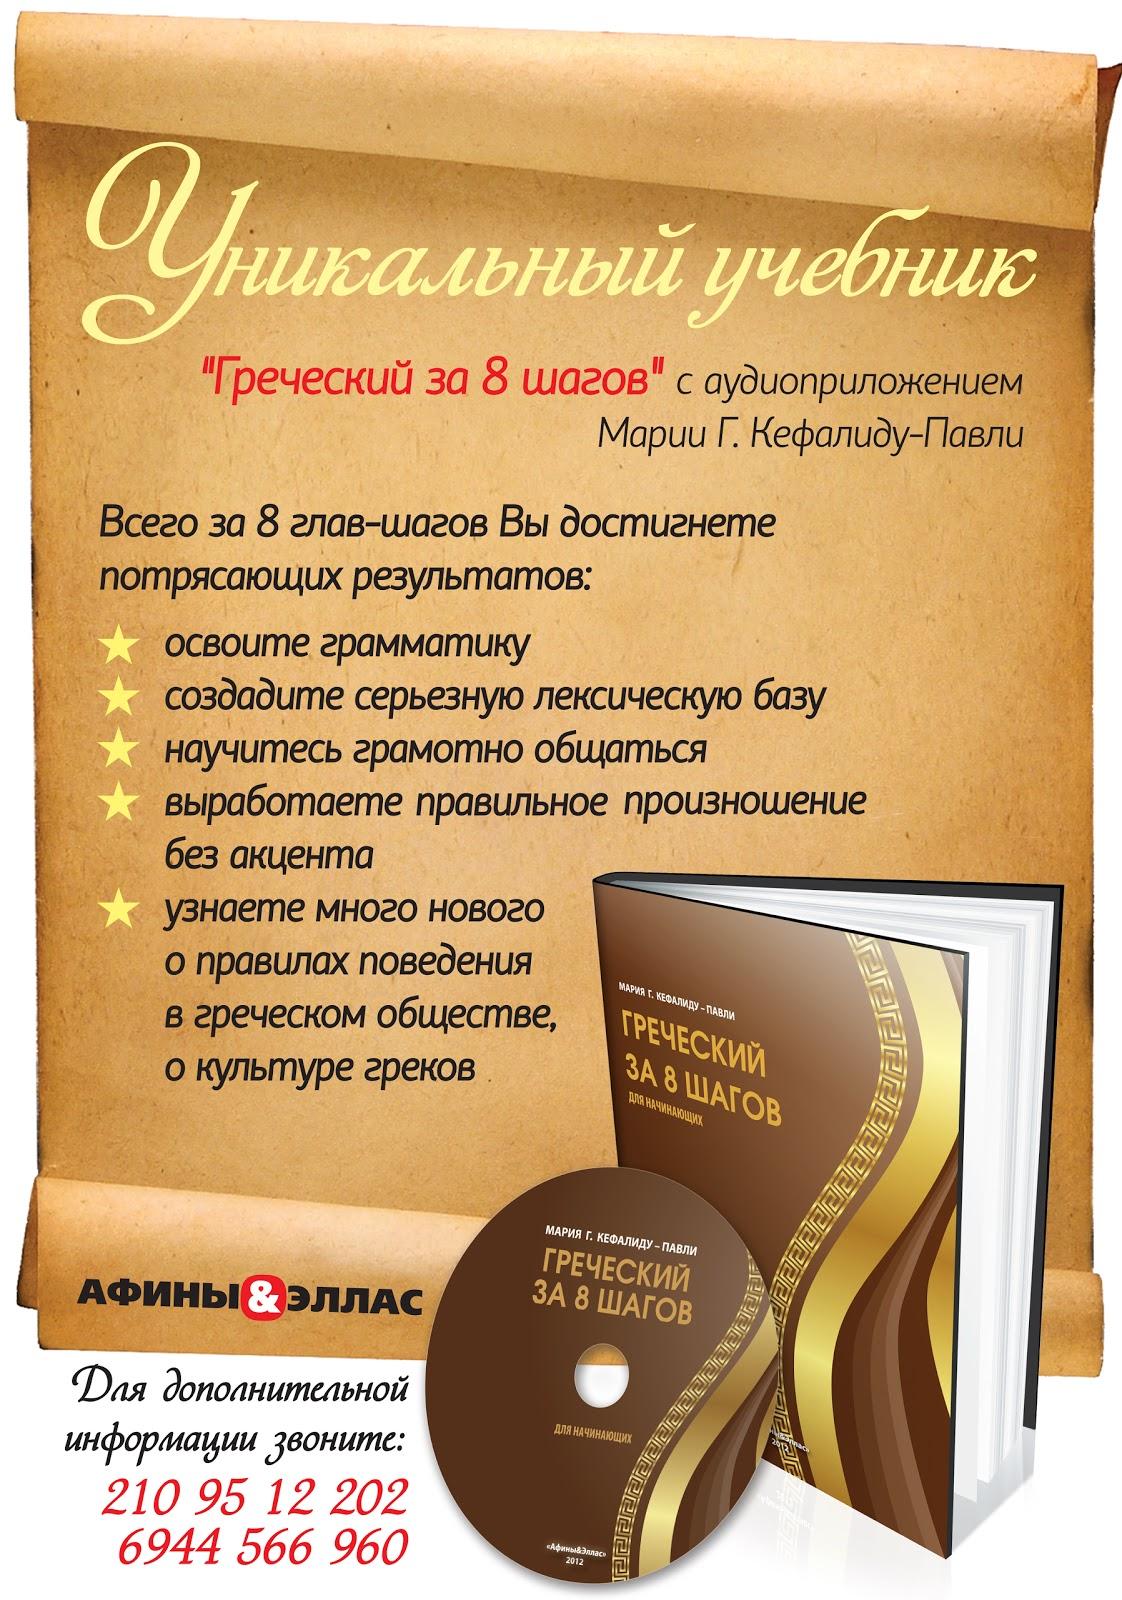 Скачать учебник греческого языка — img 14